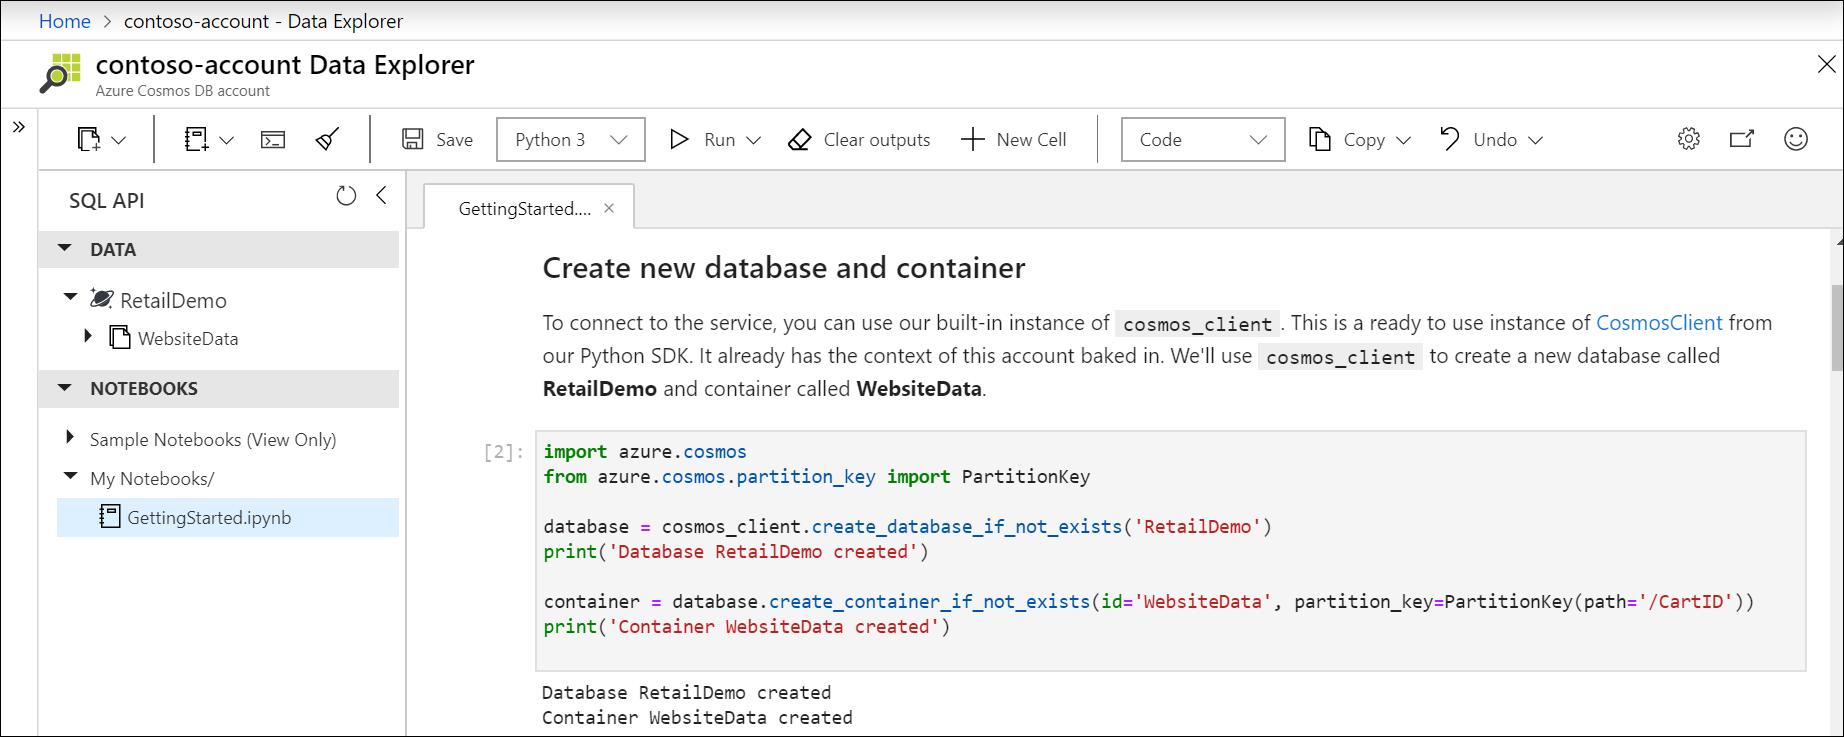 ノートブックでの組み込み Python SDK を使用した新しいデータベースとコンテナーの作成。